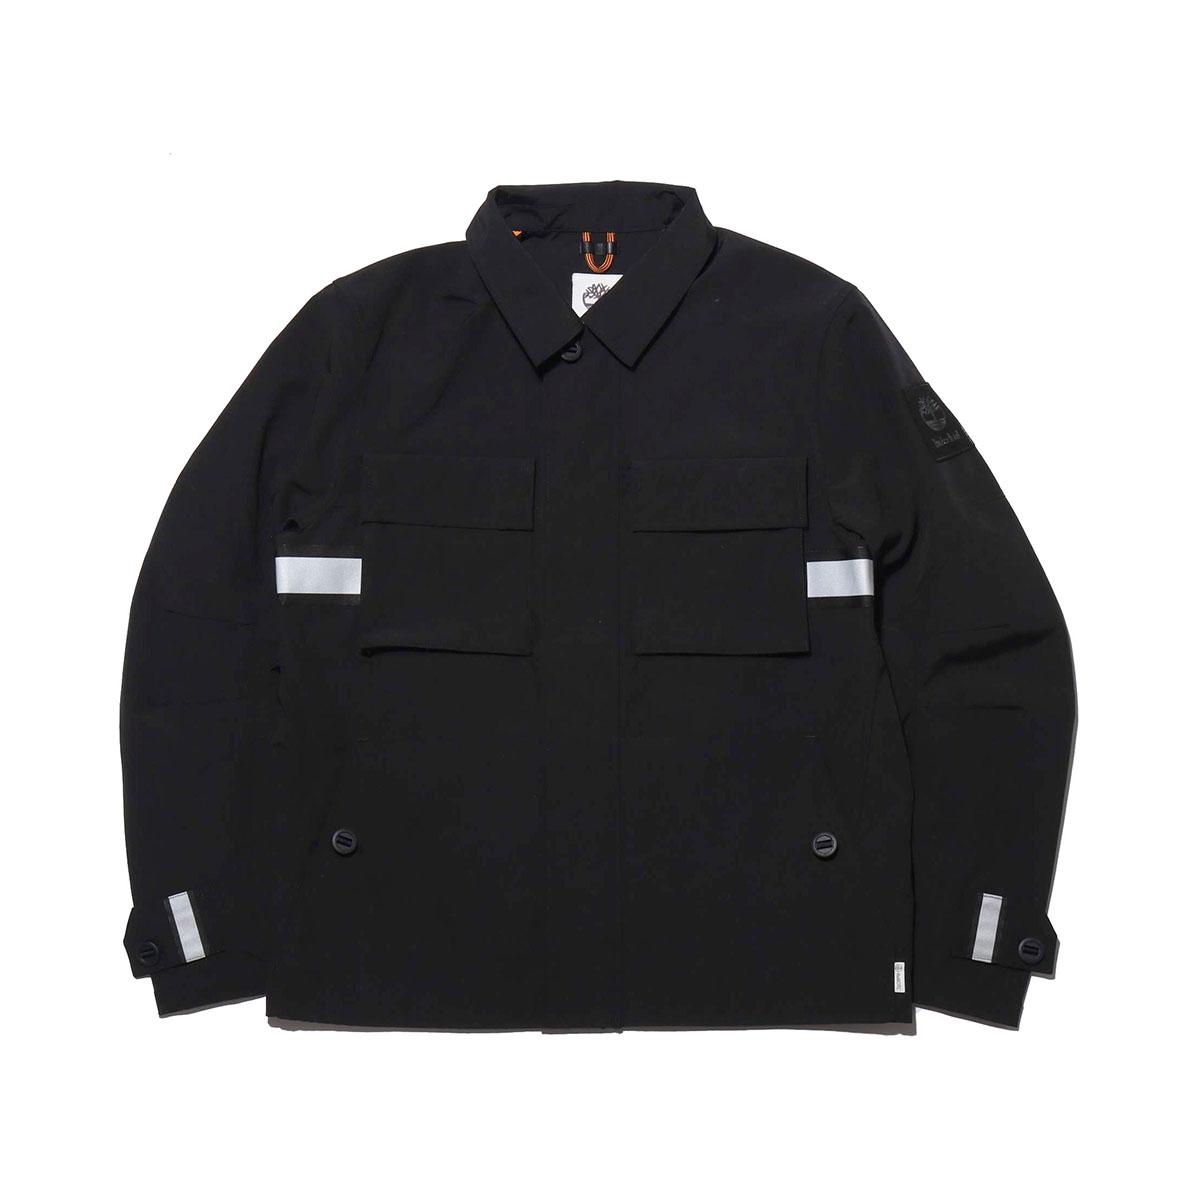 Timberland AF Worker Jacket(Black)(ティバンーランド AF ワーカージャケット)【メンズ】【ジャケット】【20SS-S】